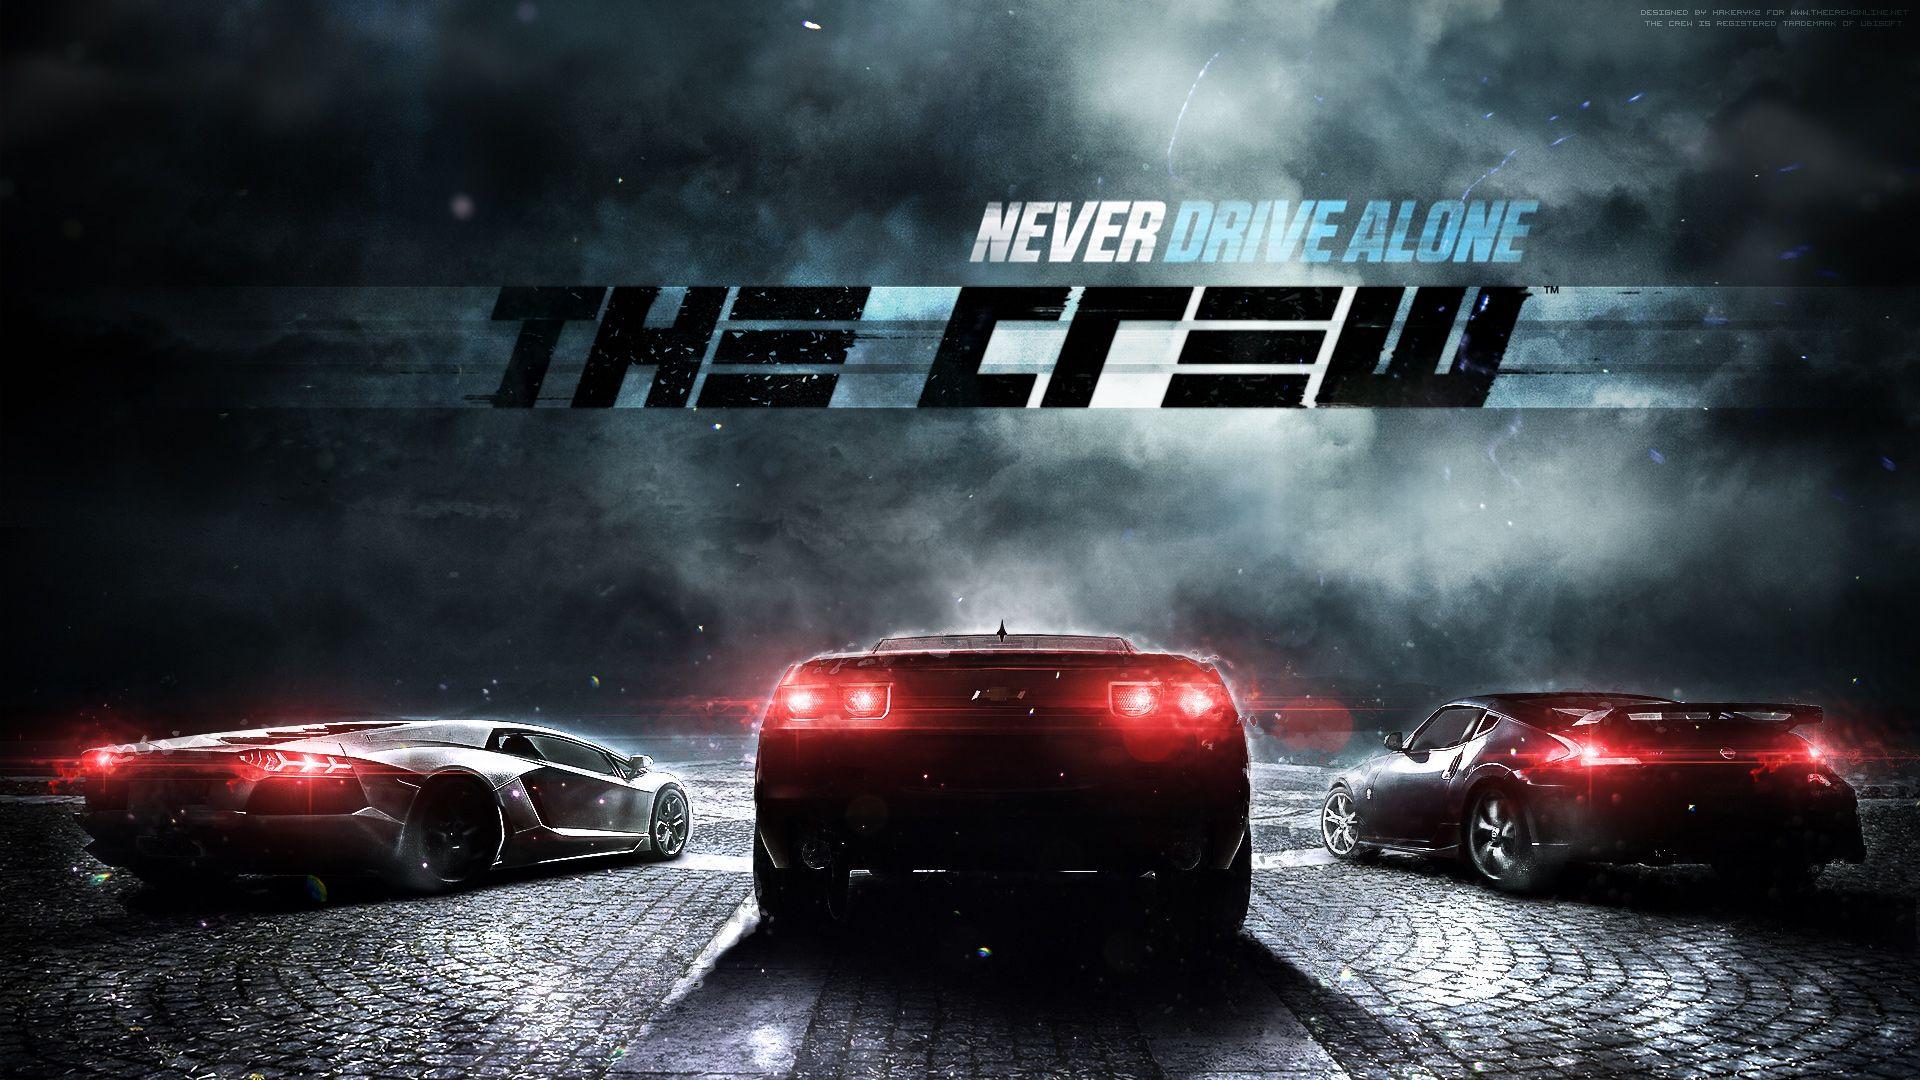 The Crew: 15 perc kemény csapatás és száguldás a játékban